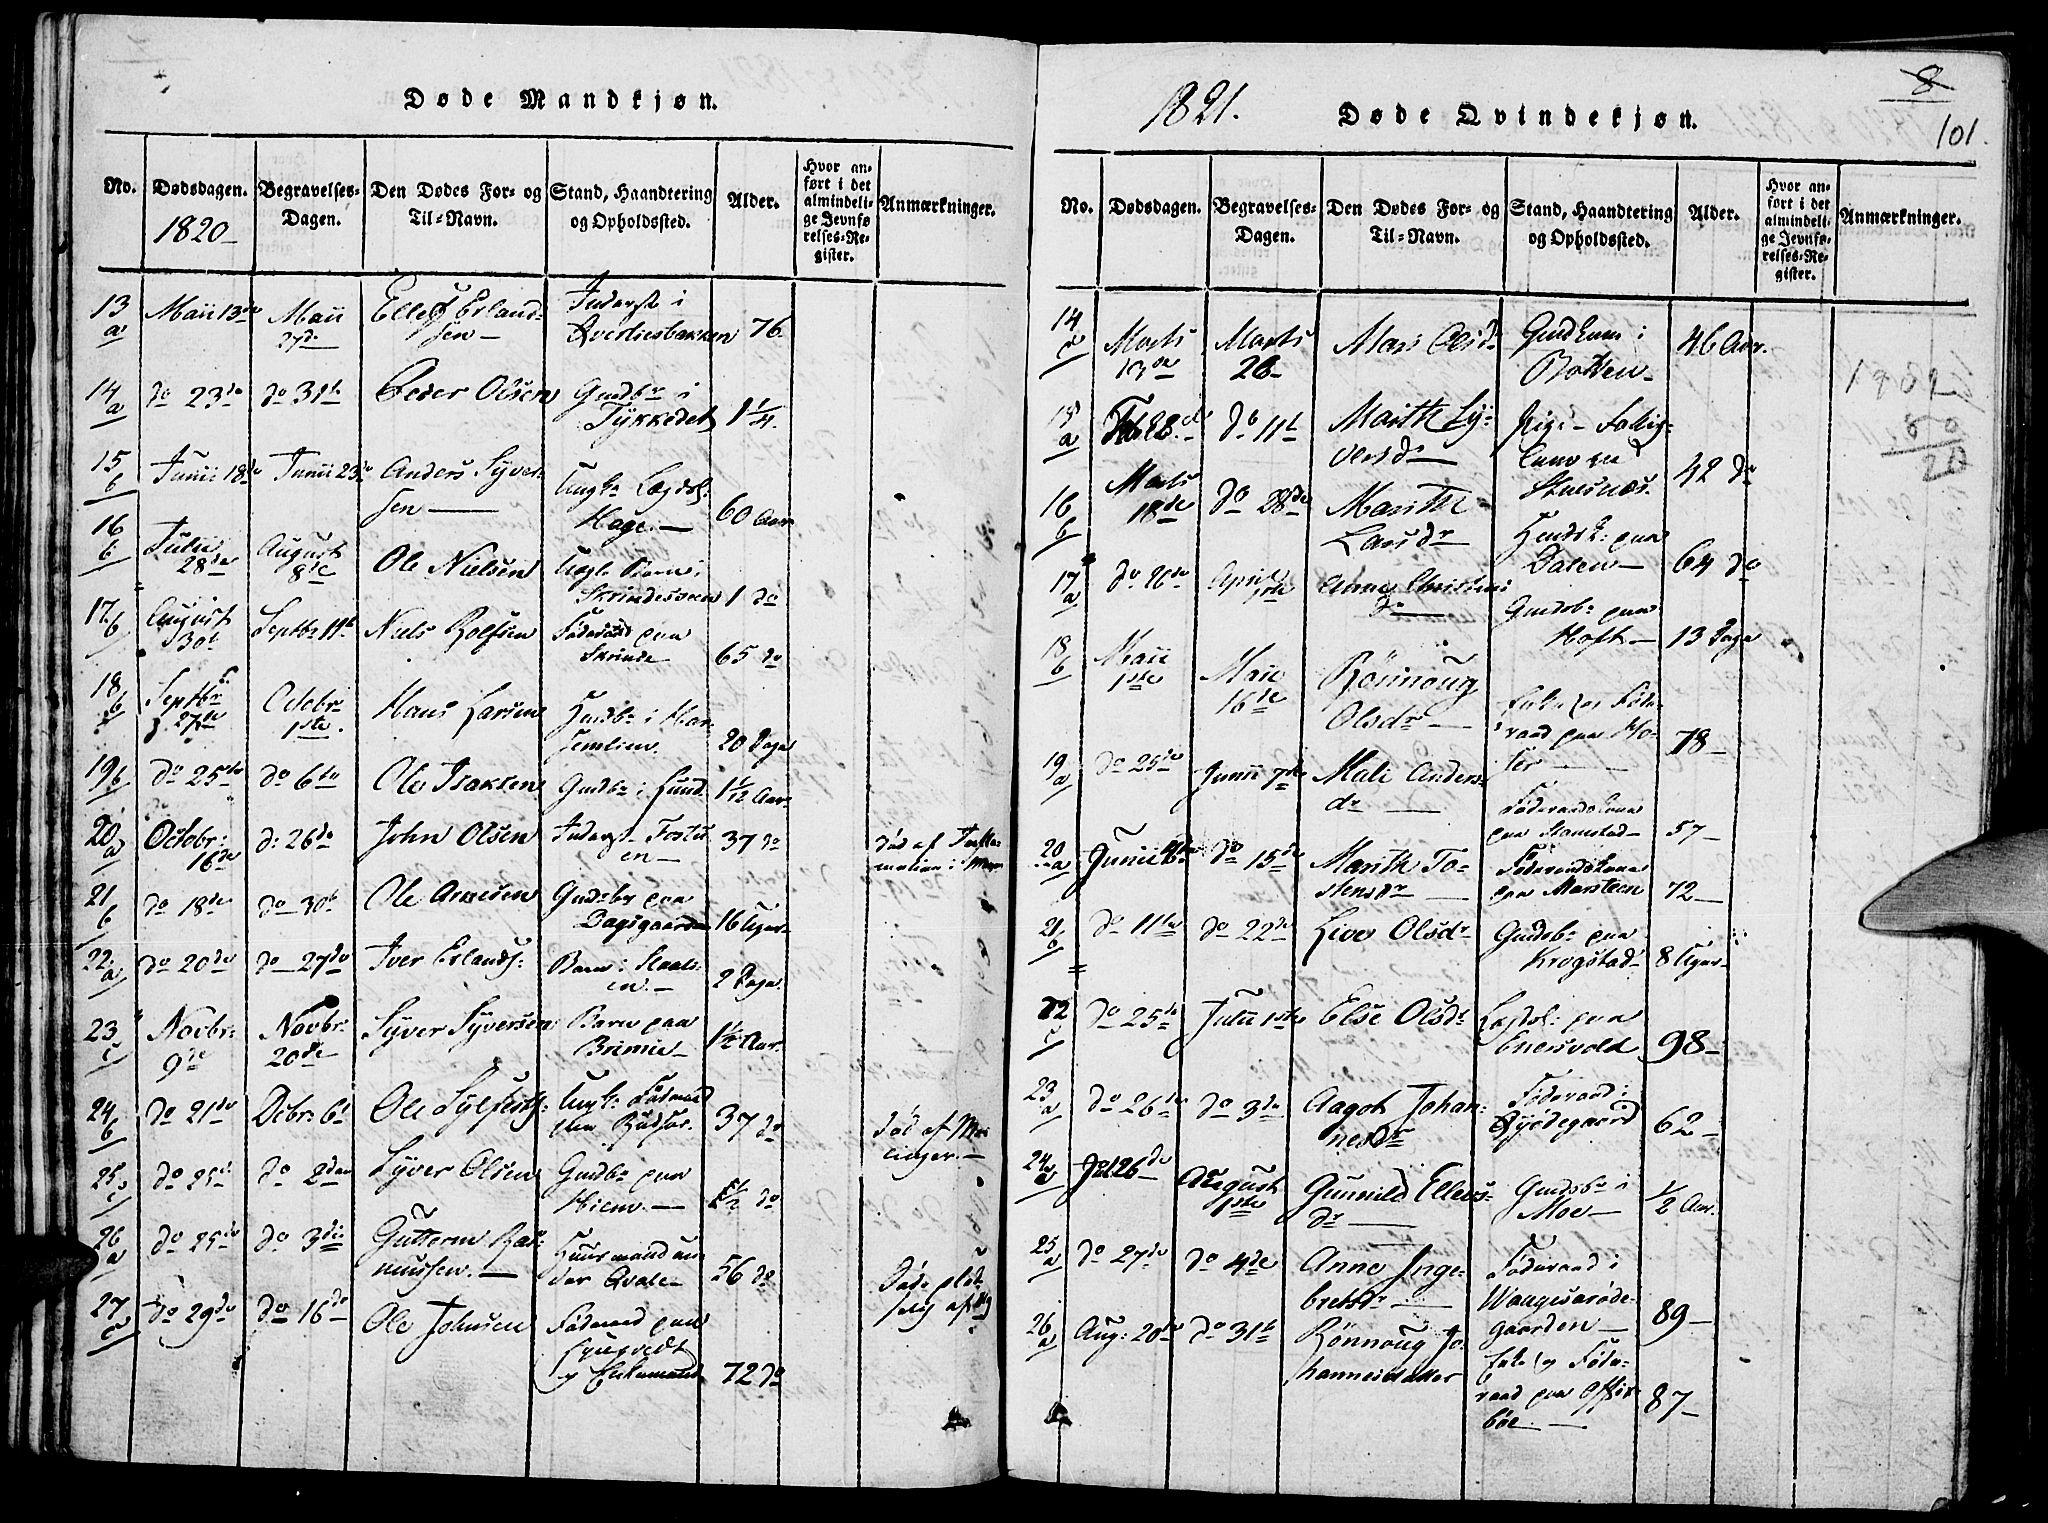 SAH, Lom prestekontor, K/L0004: Ministerialbok nr. 4, 1815-1825, s. 101